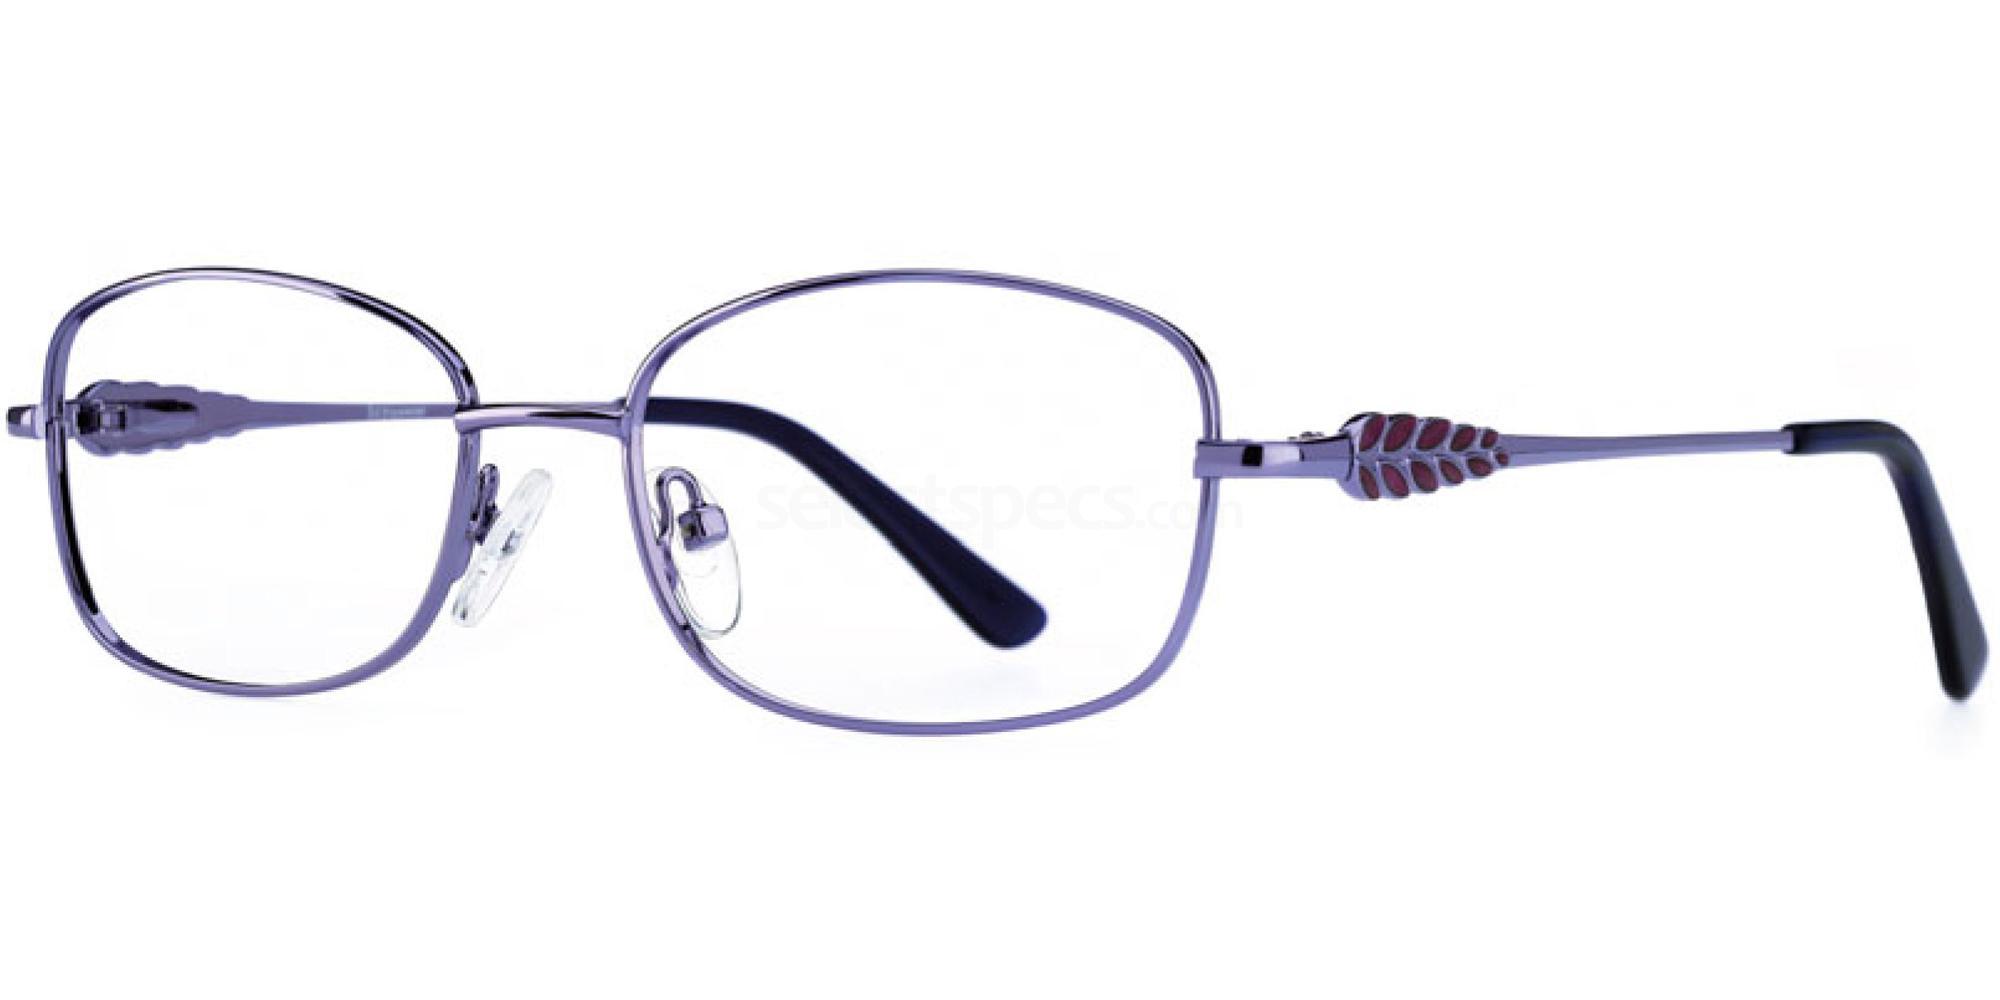 C1 Icy 773 Glasses, Icy Eyewear - Metals